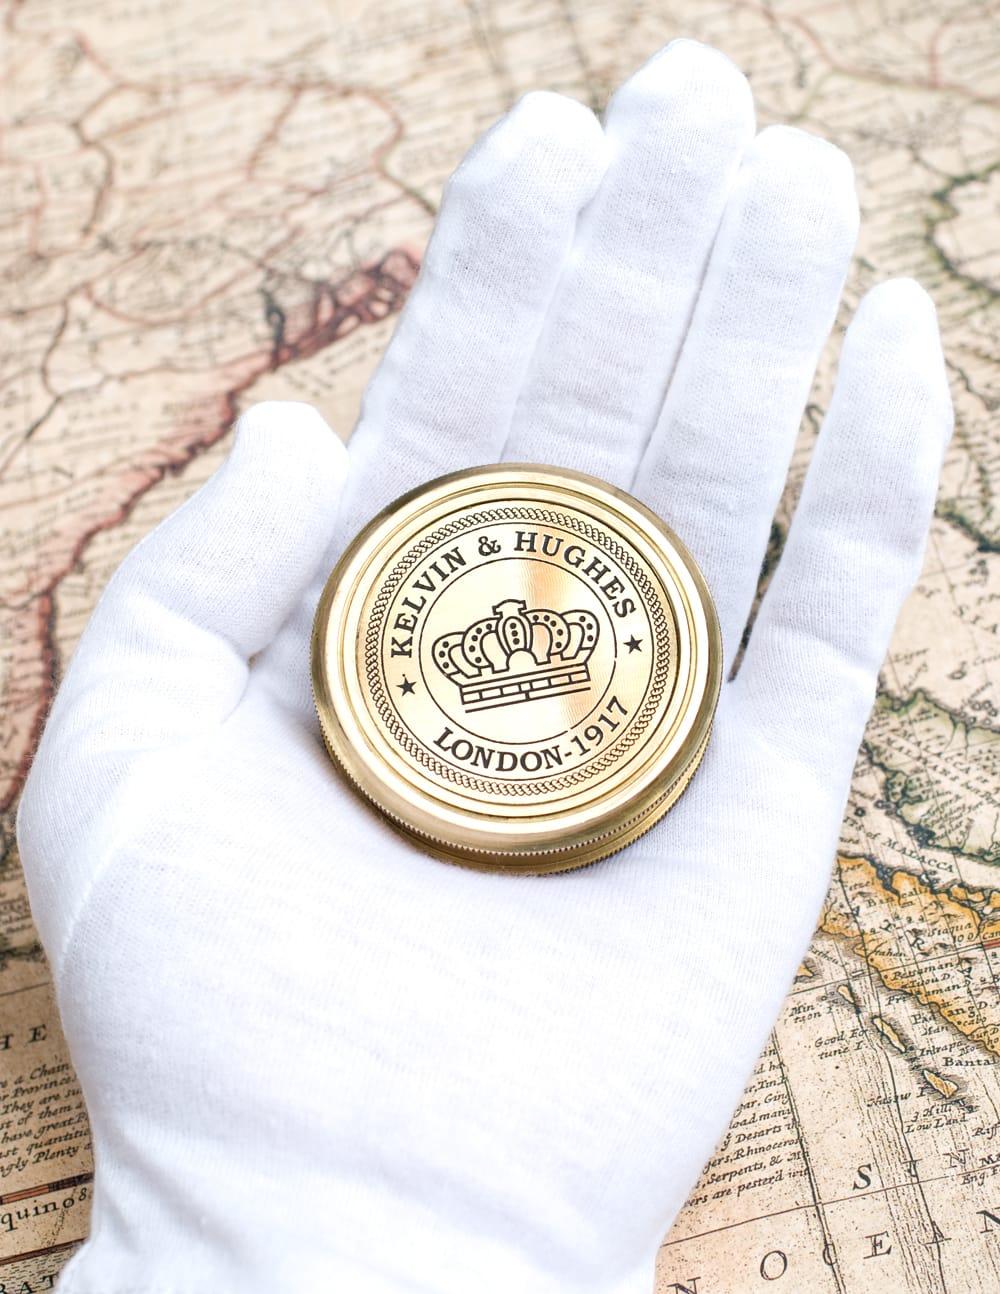 【直径約5.5cm】大英帝国時代のゴールドアンティークコンパス[蓋付き] - KELVIN & HUGHES 5 - 手に持つとこのようなサイズです。